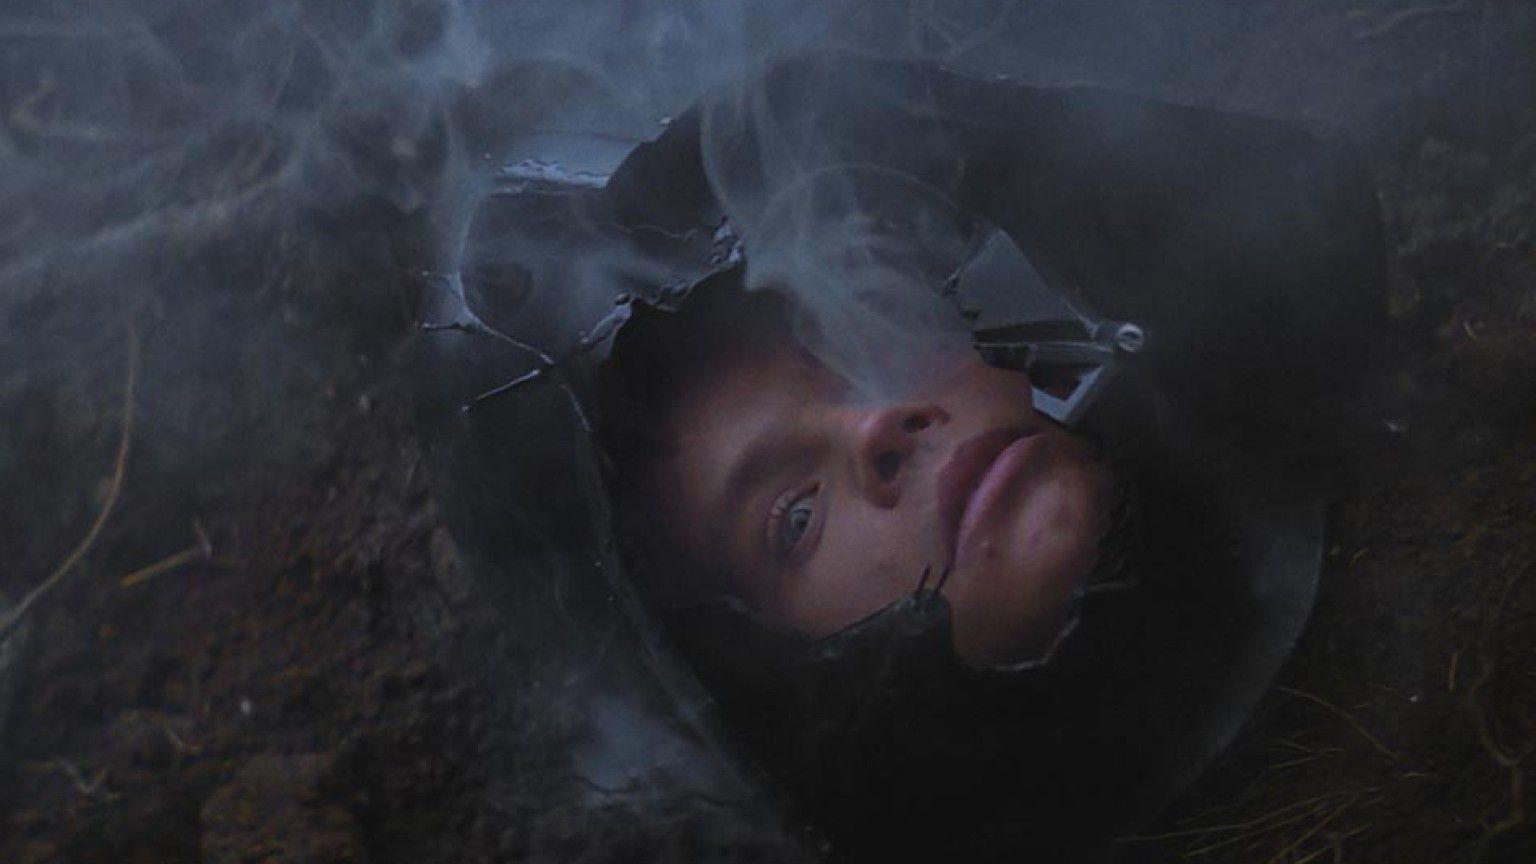 Resultado de imagem para star wars episode 5 darth vader cave